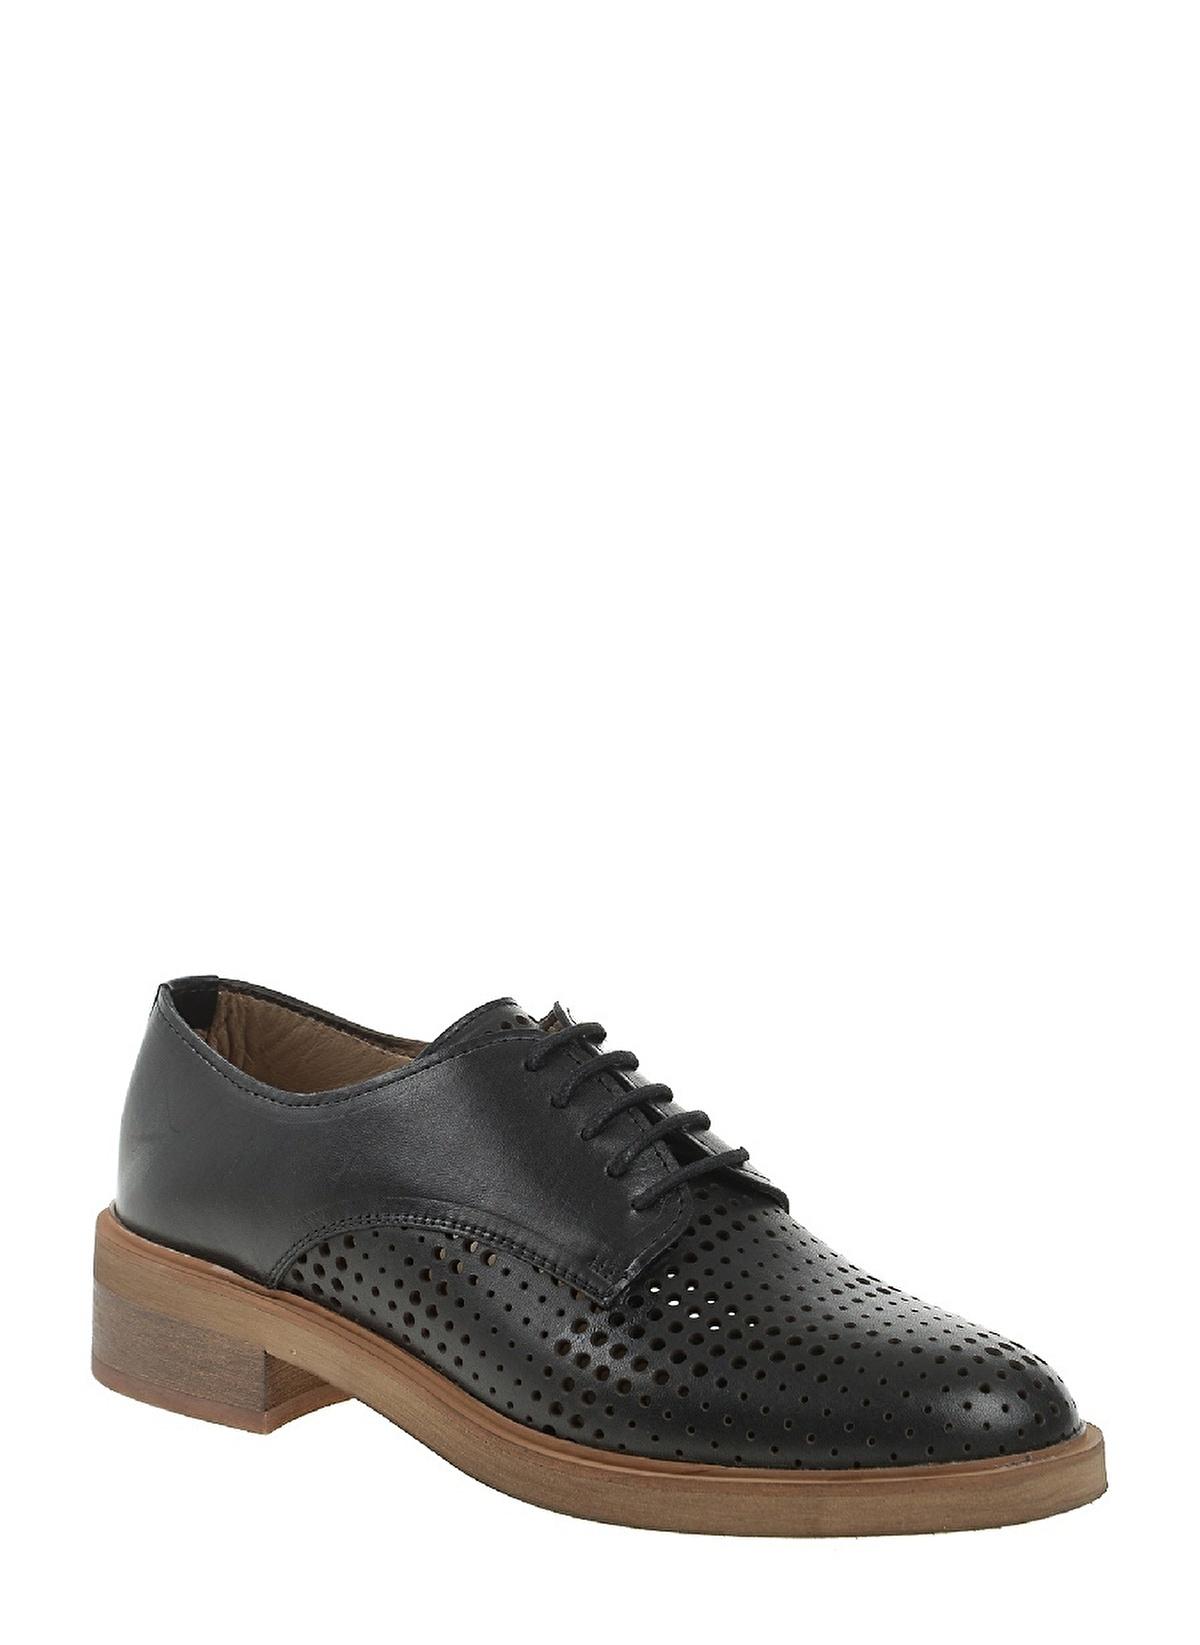 Divarese Oxford Ayakkabı 5019695 K Ayakkabı – 329.5 TL